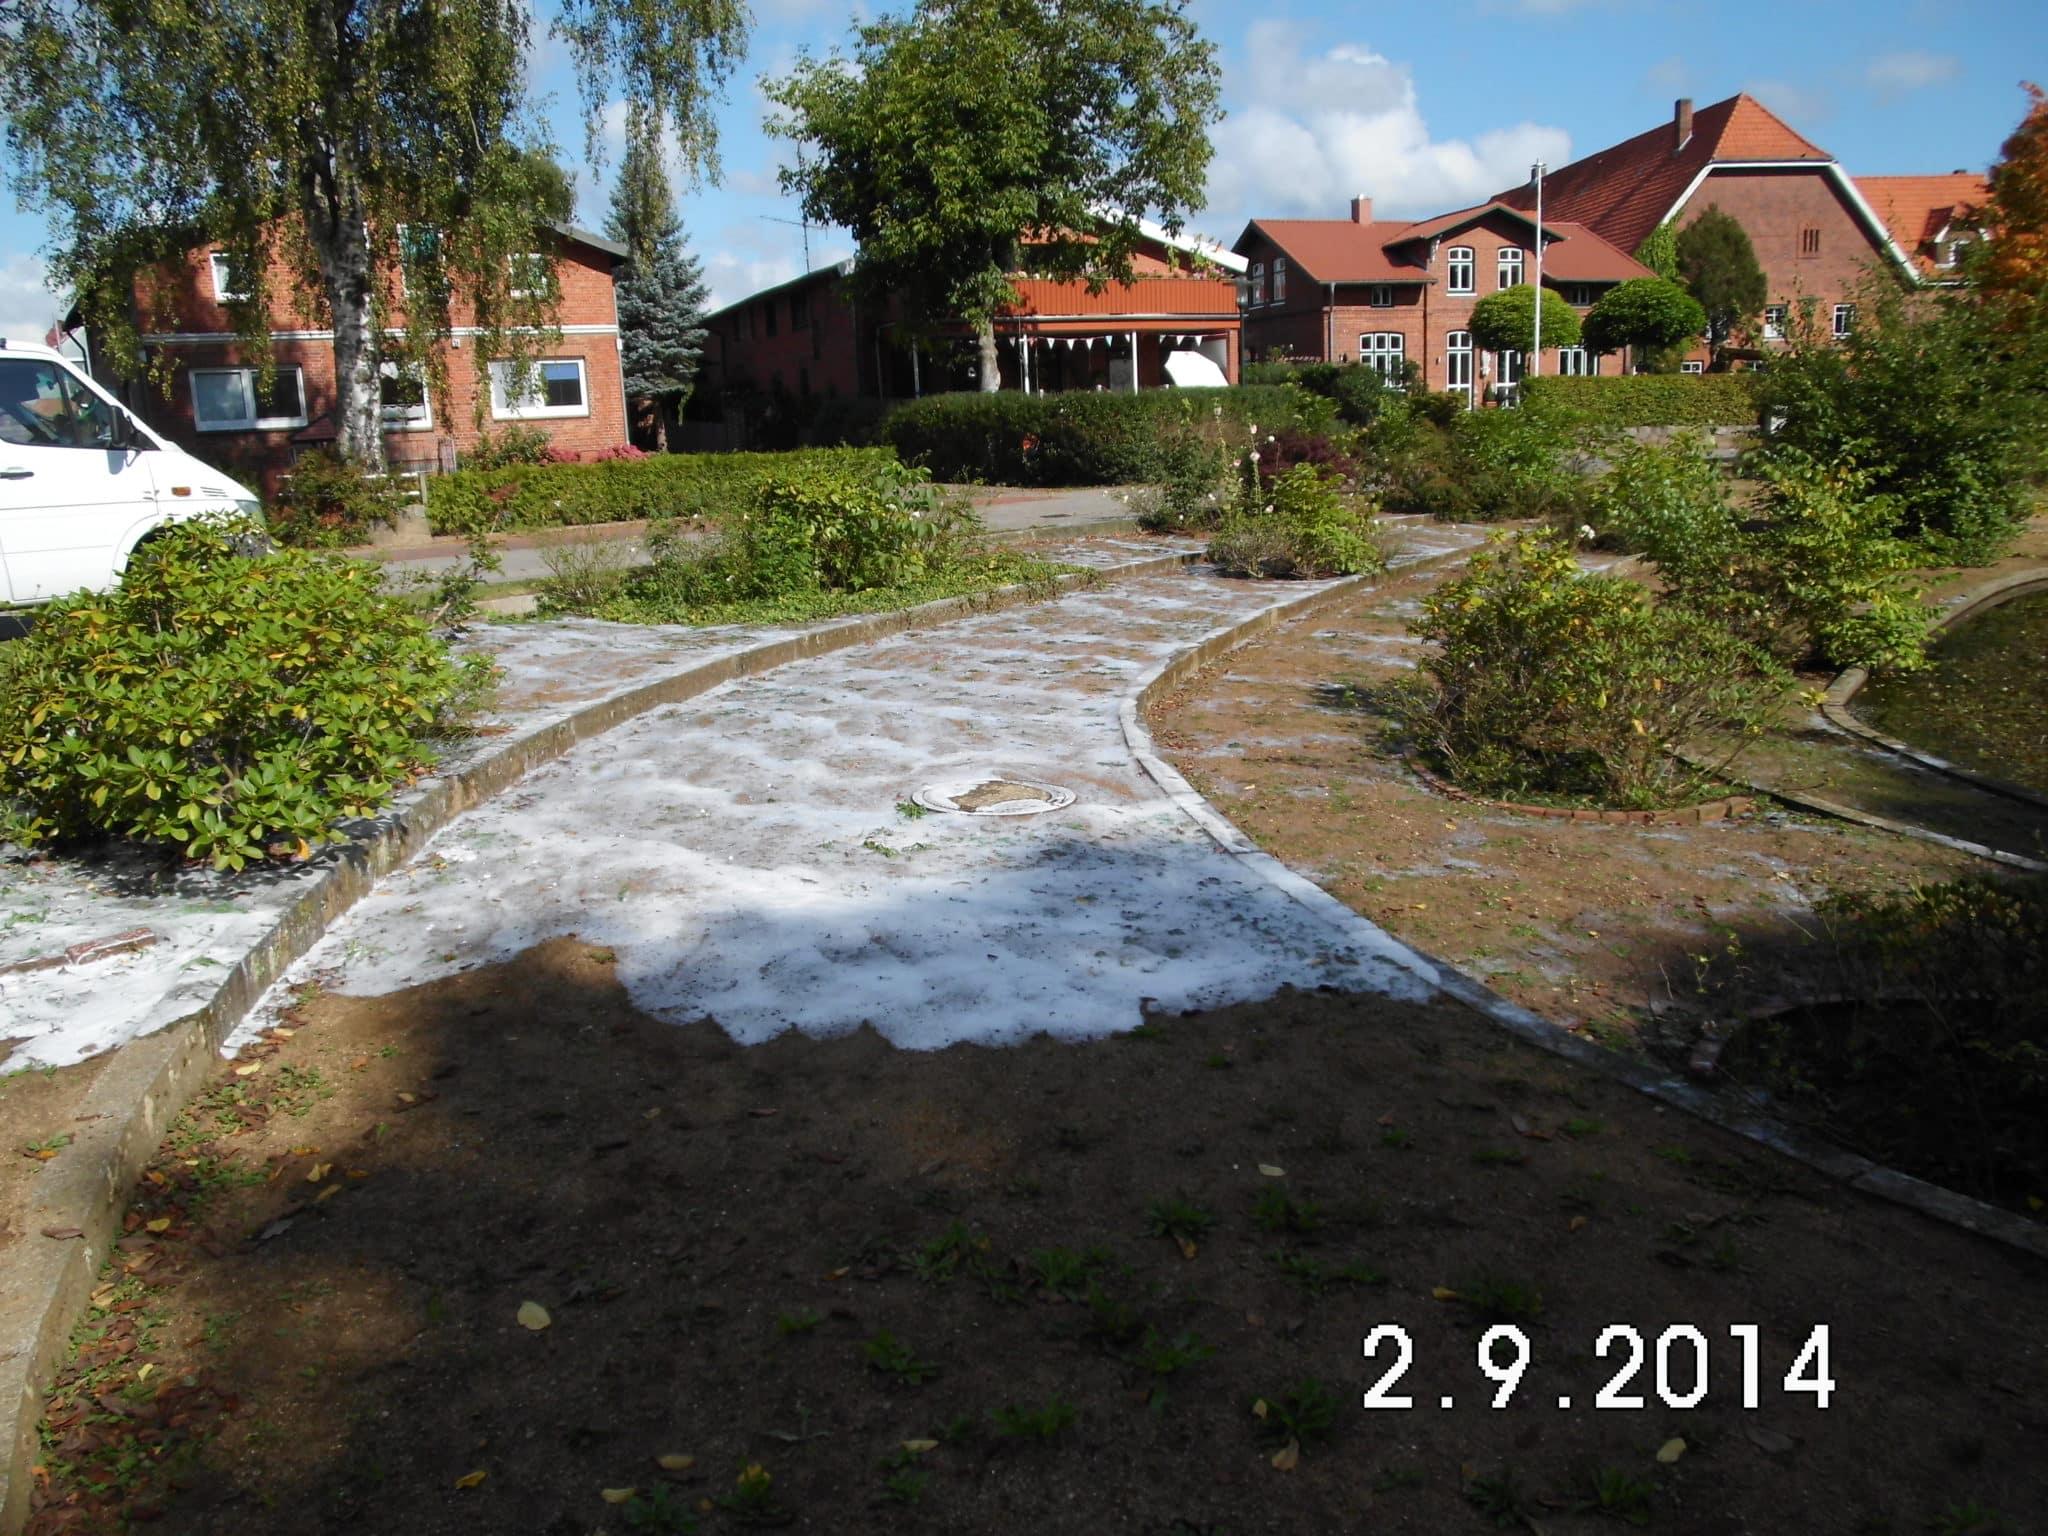 Wassergebundene Wegepflege Unkrautbeseitigung Heißwasserschaum Bad Oeynhausen